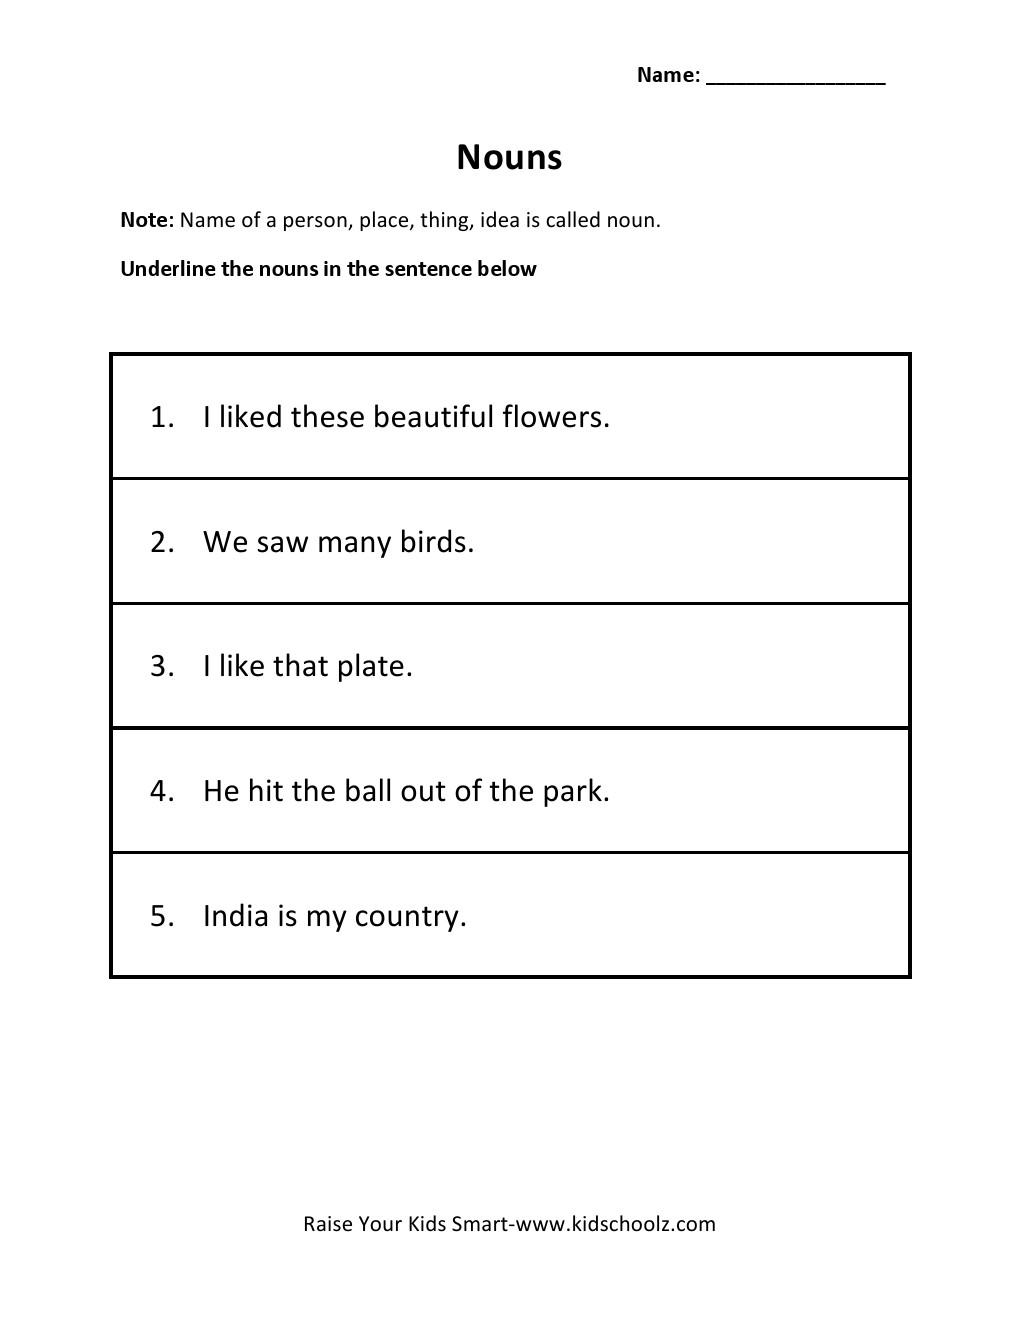 Grade 2 - Underline Nouns Worksheet 4 - alphabet worksheets, learning, worksheets, and free worksheets Underline The Nouns Worksheet 2 1320 x 1020